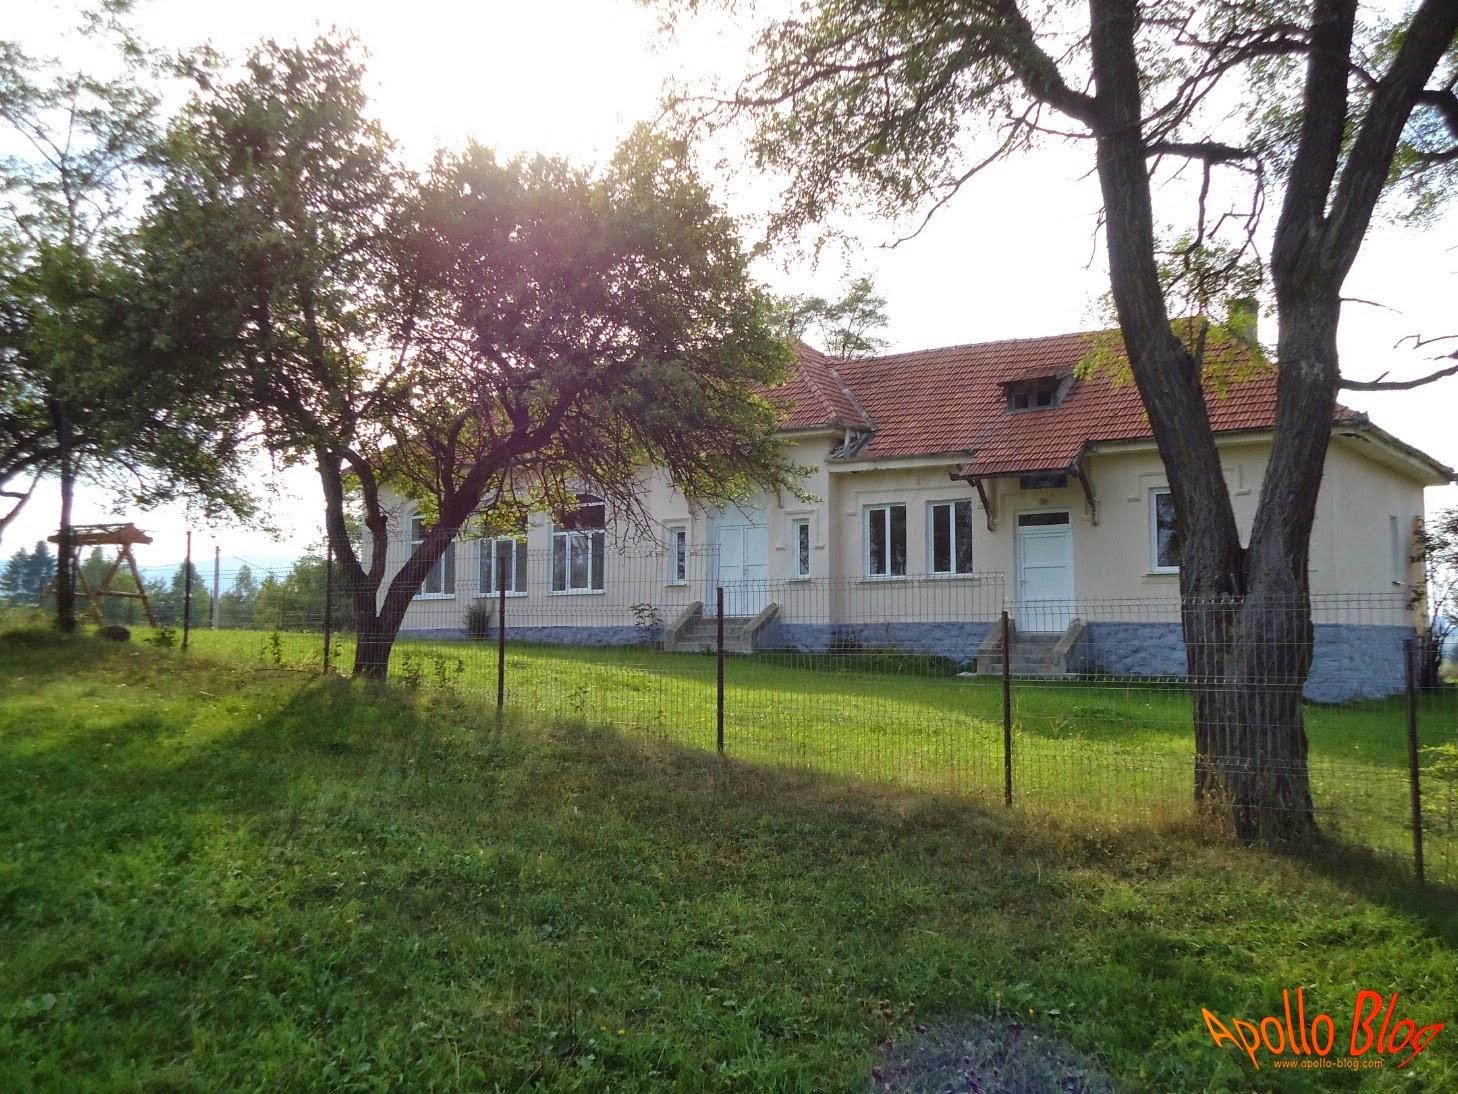 Școala din satul FILPEA